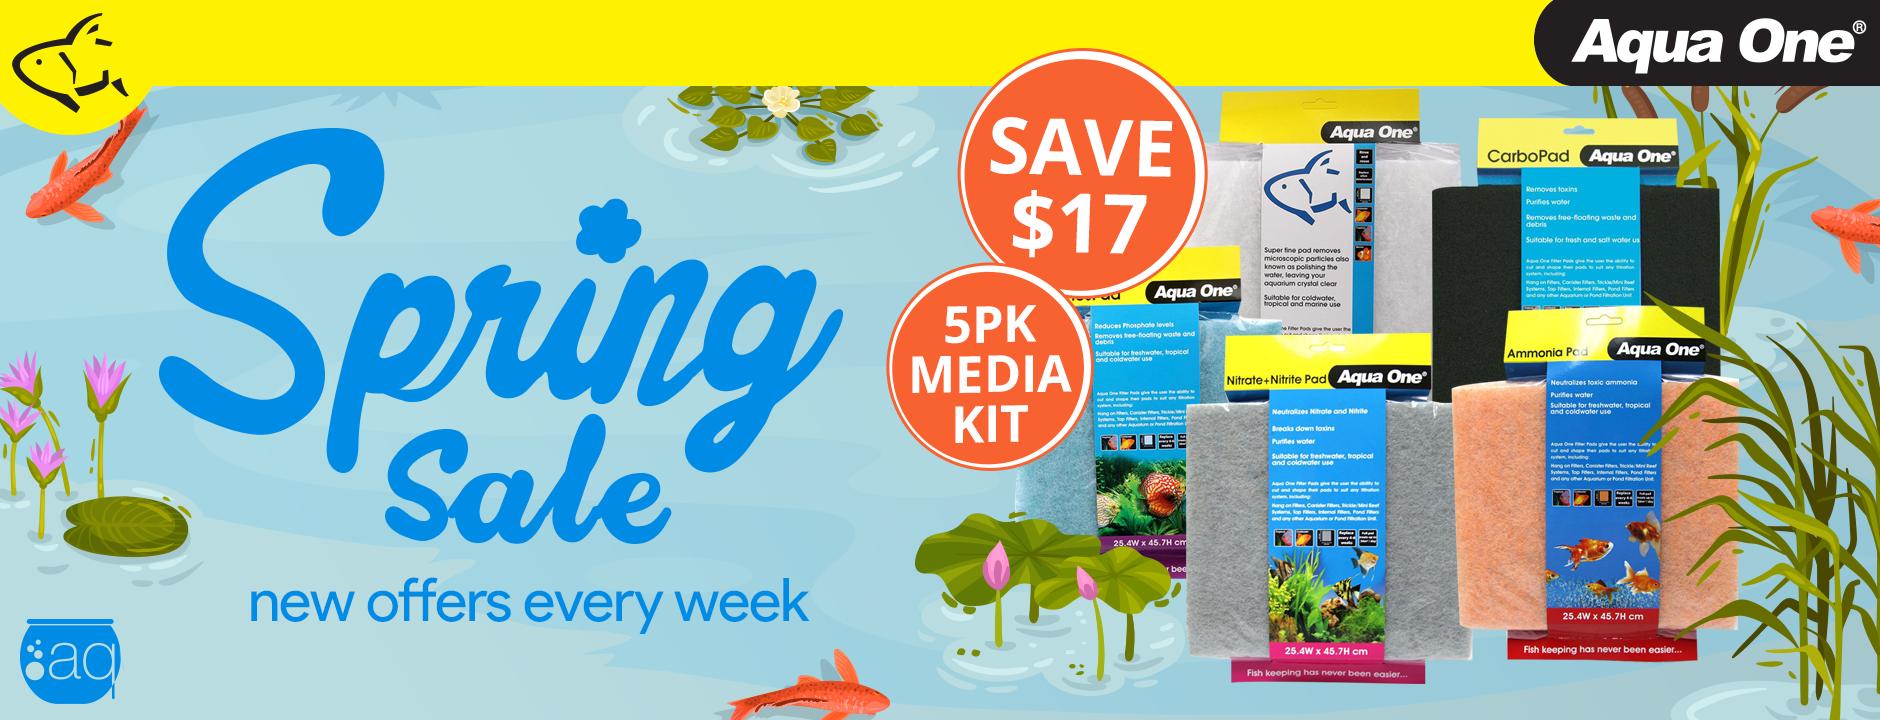 spring-sale-2021-banner-offer-8.png